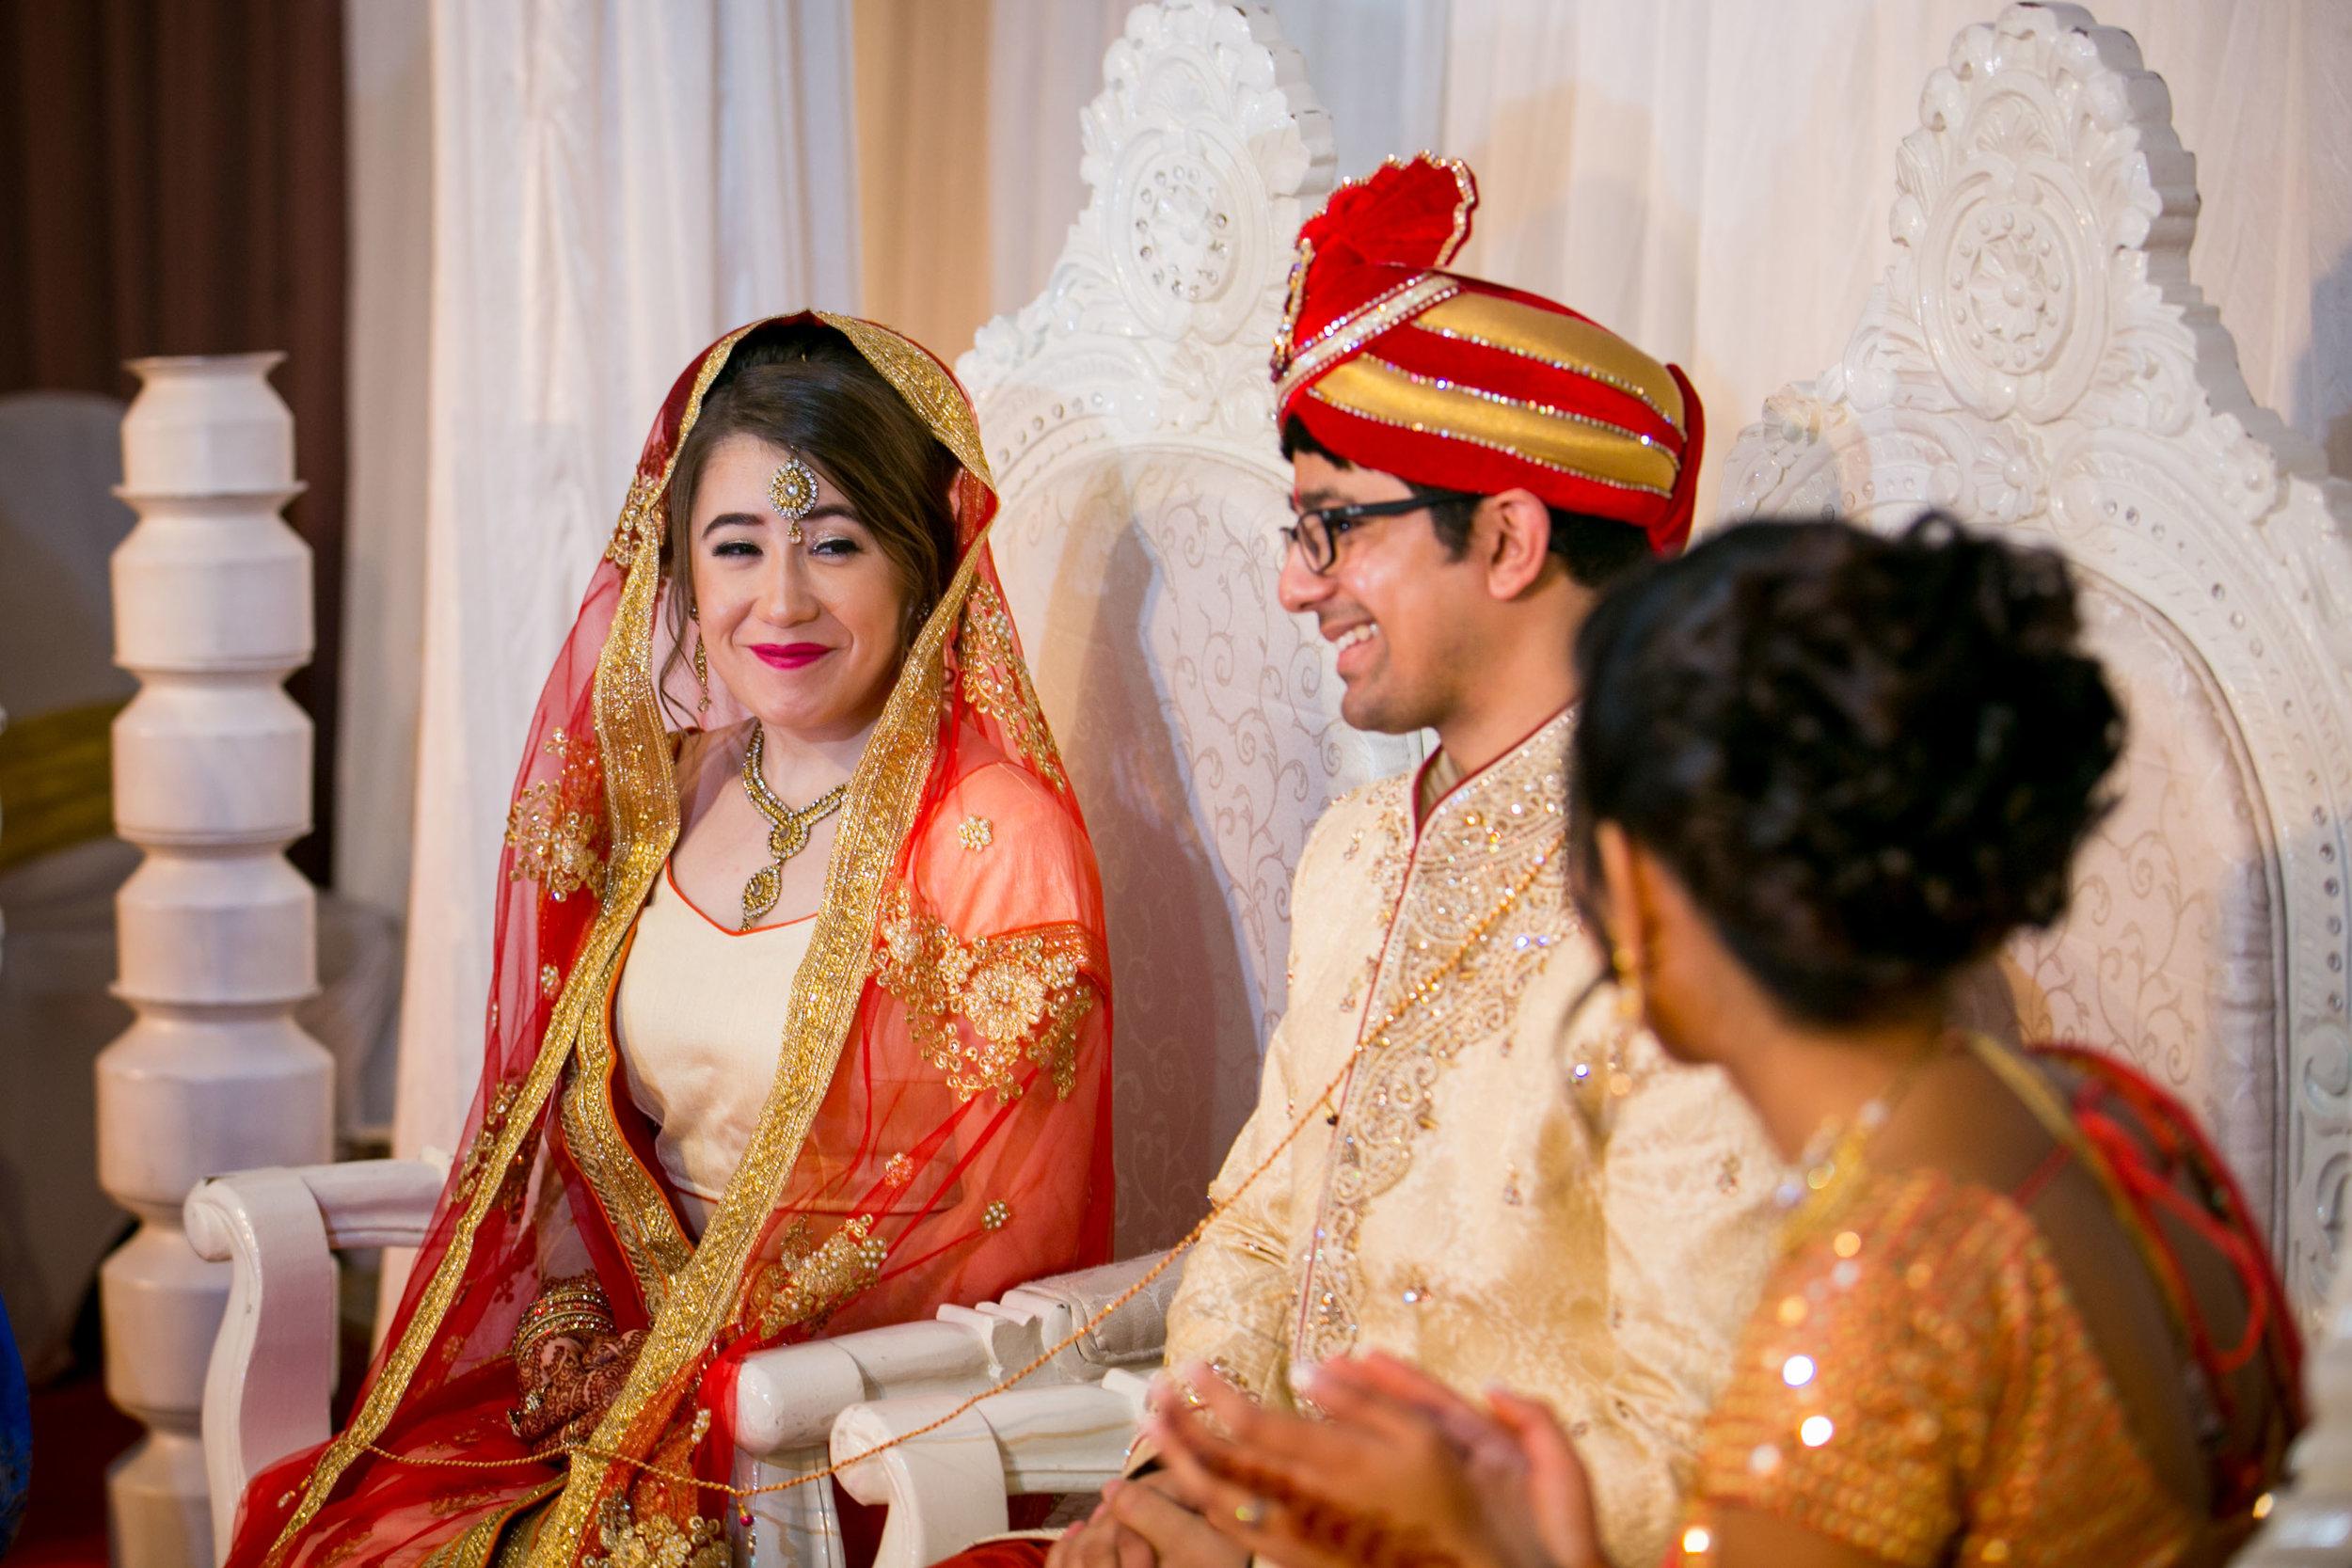 asian-Hindu-wedding-photographer-birmingham-abbey-park-leicester-natalia-smith-photography-31.jpg